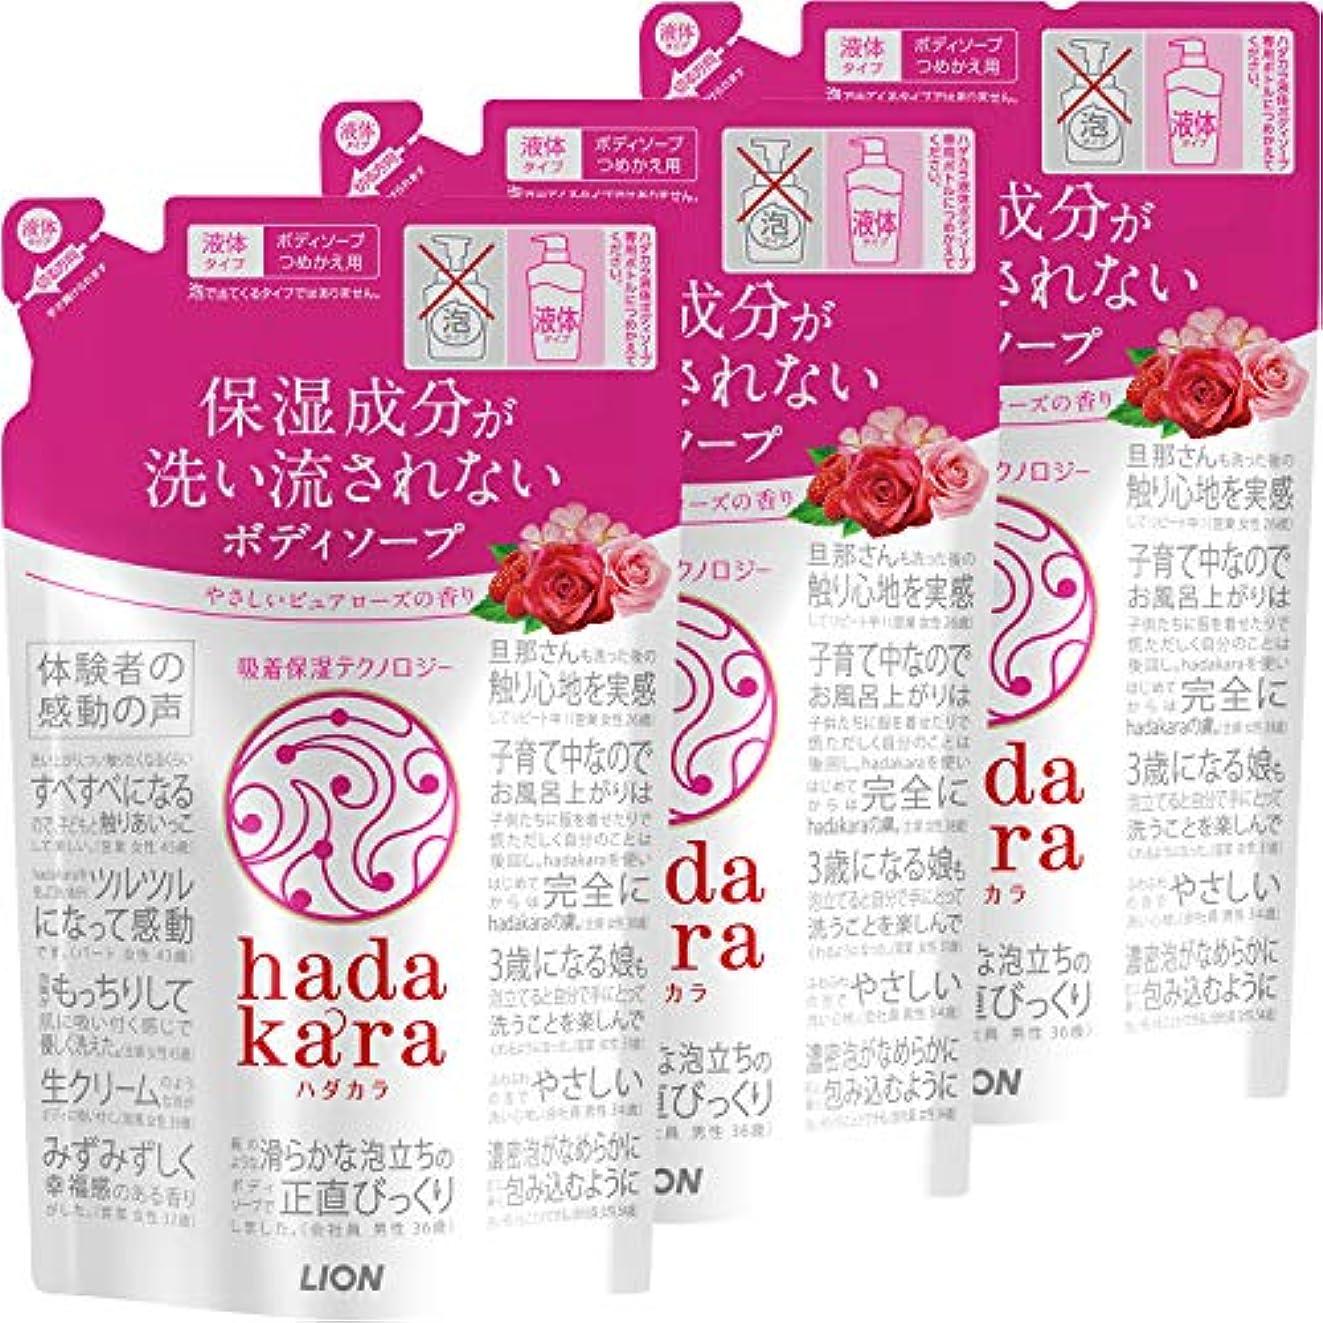 ペレグリネーション買い手船外hadakara(ハダカラ) ボディソープ ピュアローズの香り つめかえ360ml×3個 詰替え用